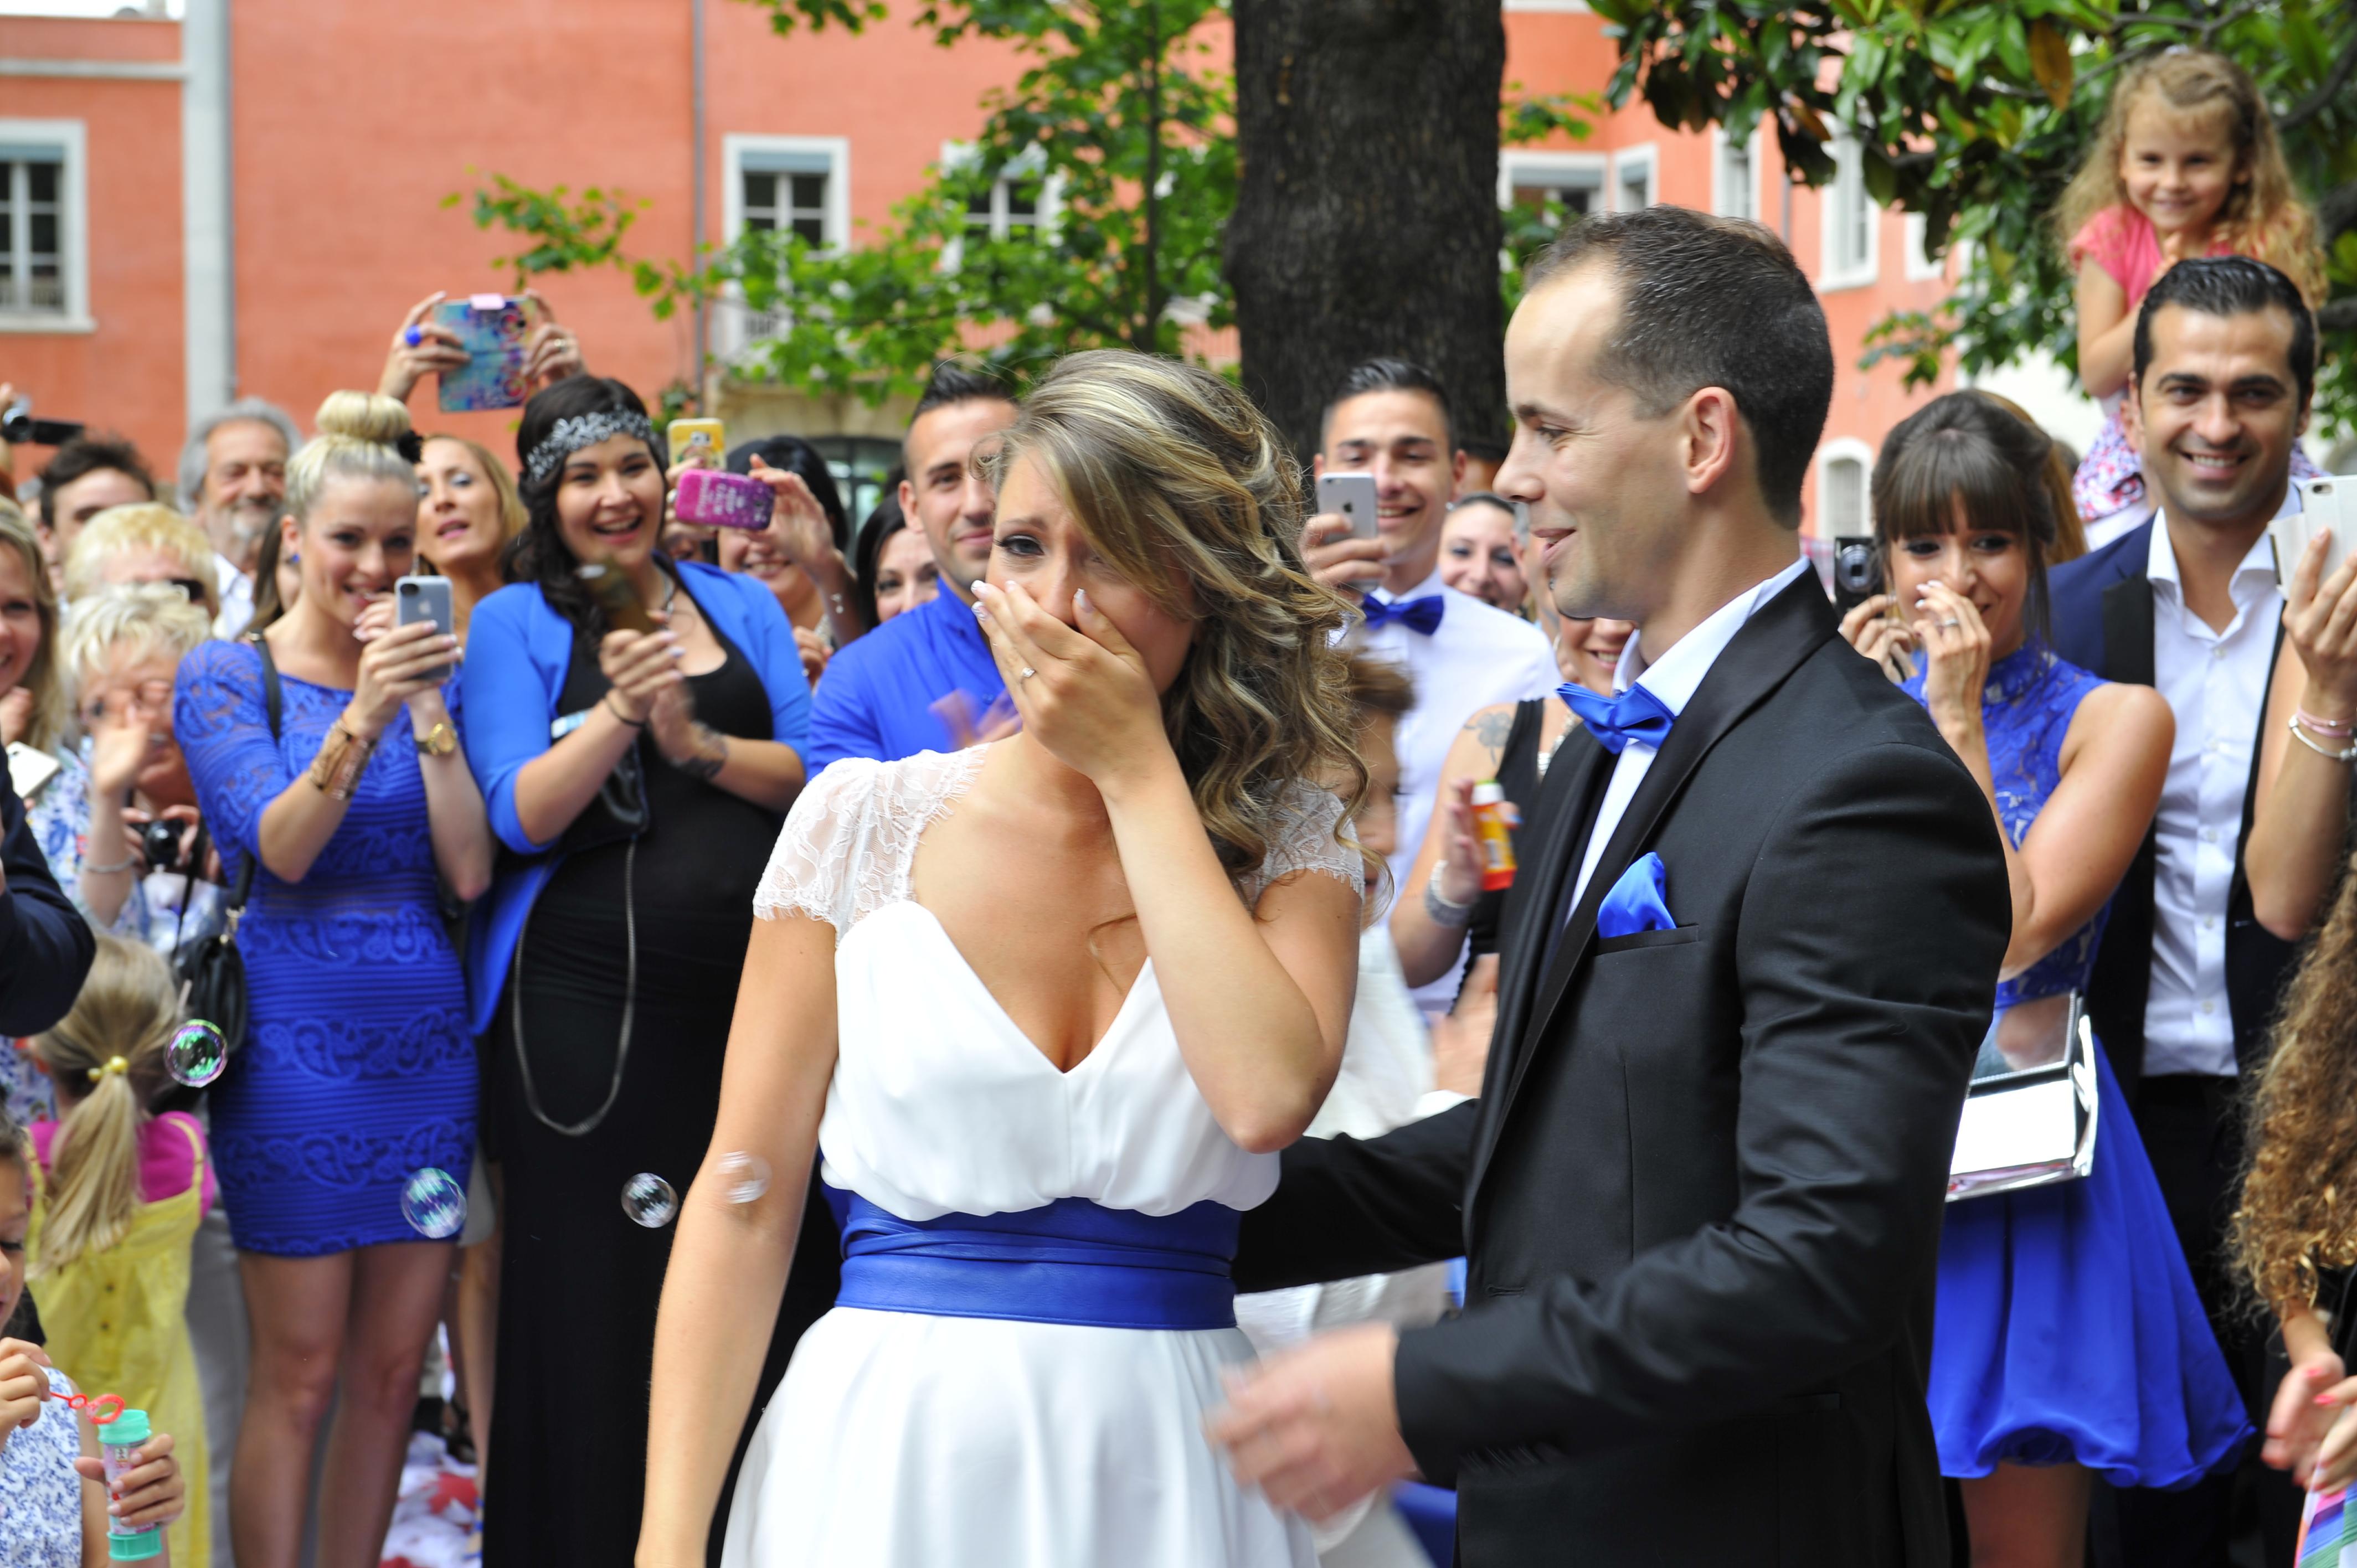 Le mariage surprise d'Alison organisé de A à Z par son fiancé